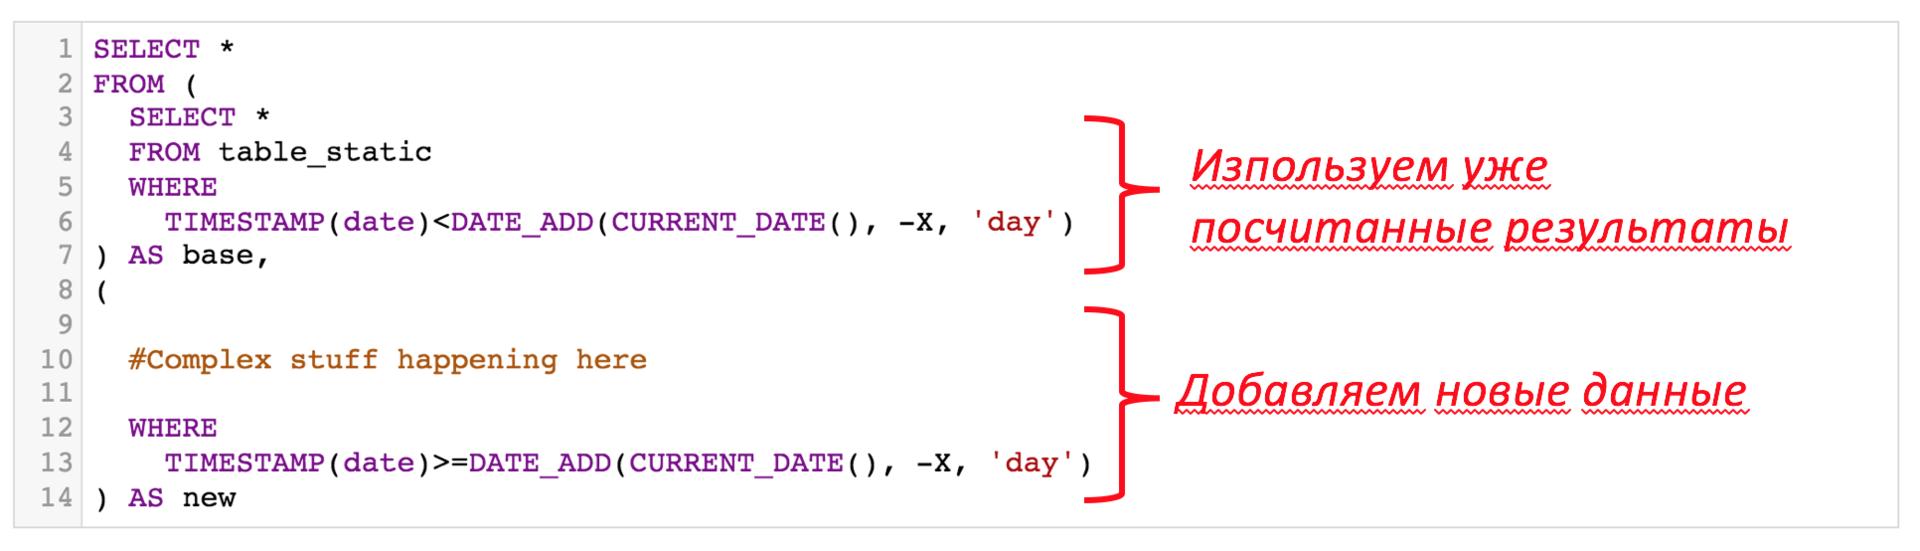 Строим надёжный процессинг данных — лямбда архитектура внутри Google BigQuery - 4